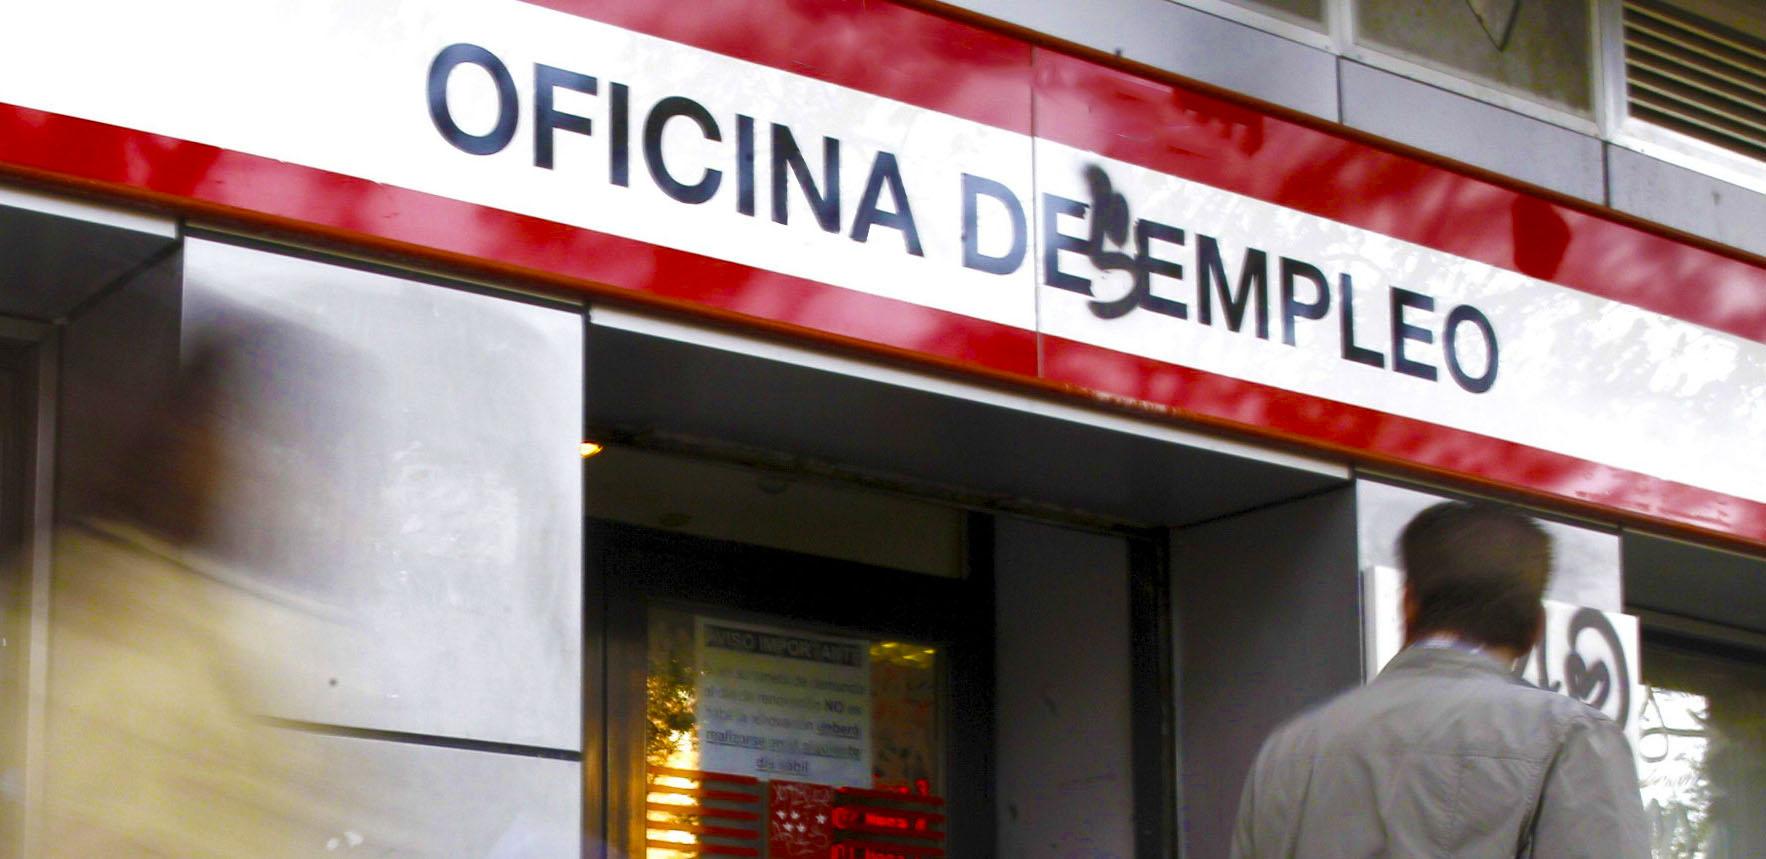 En canarias el desempleo sigue y sigue hasta el infinito libertad canaria - Oficina de desempleo ...